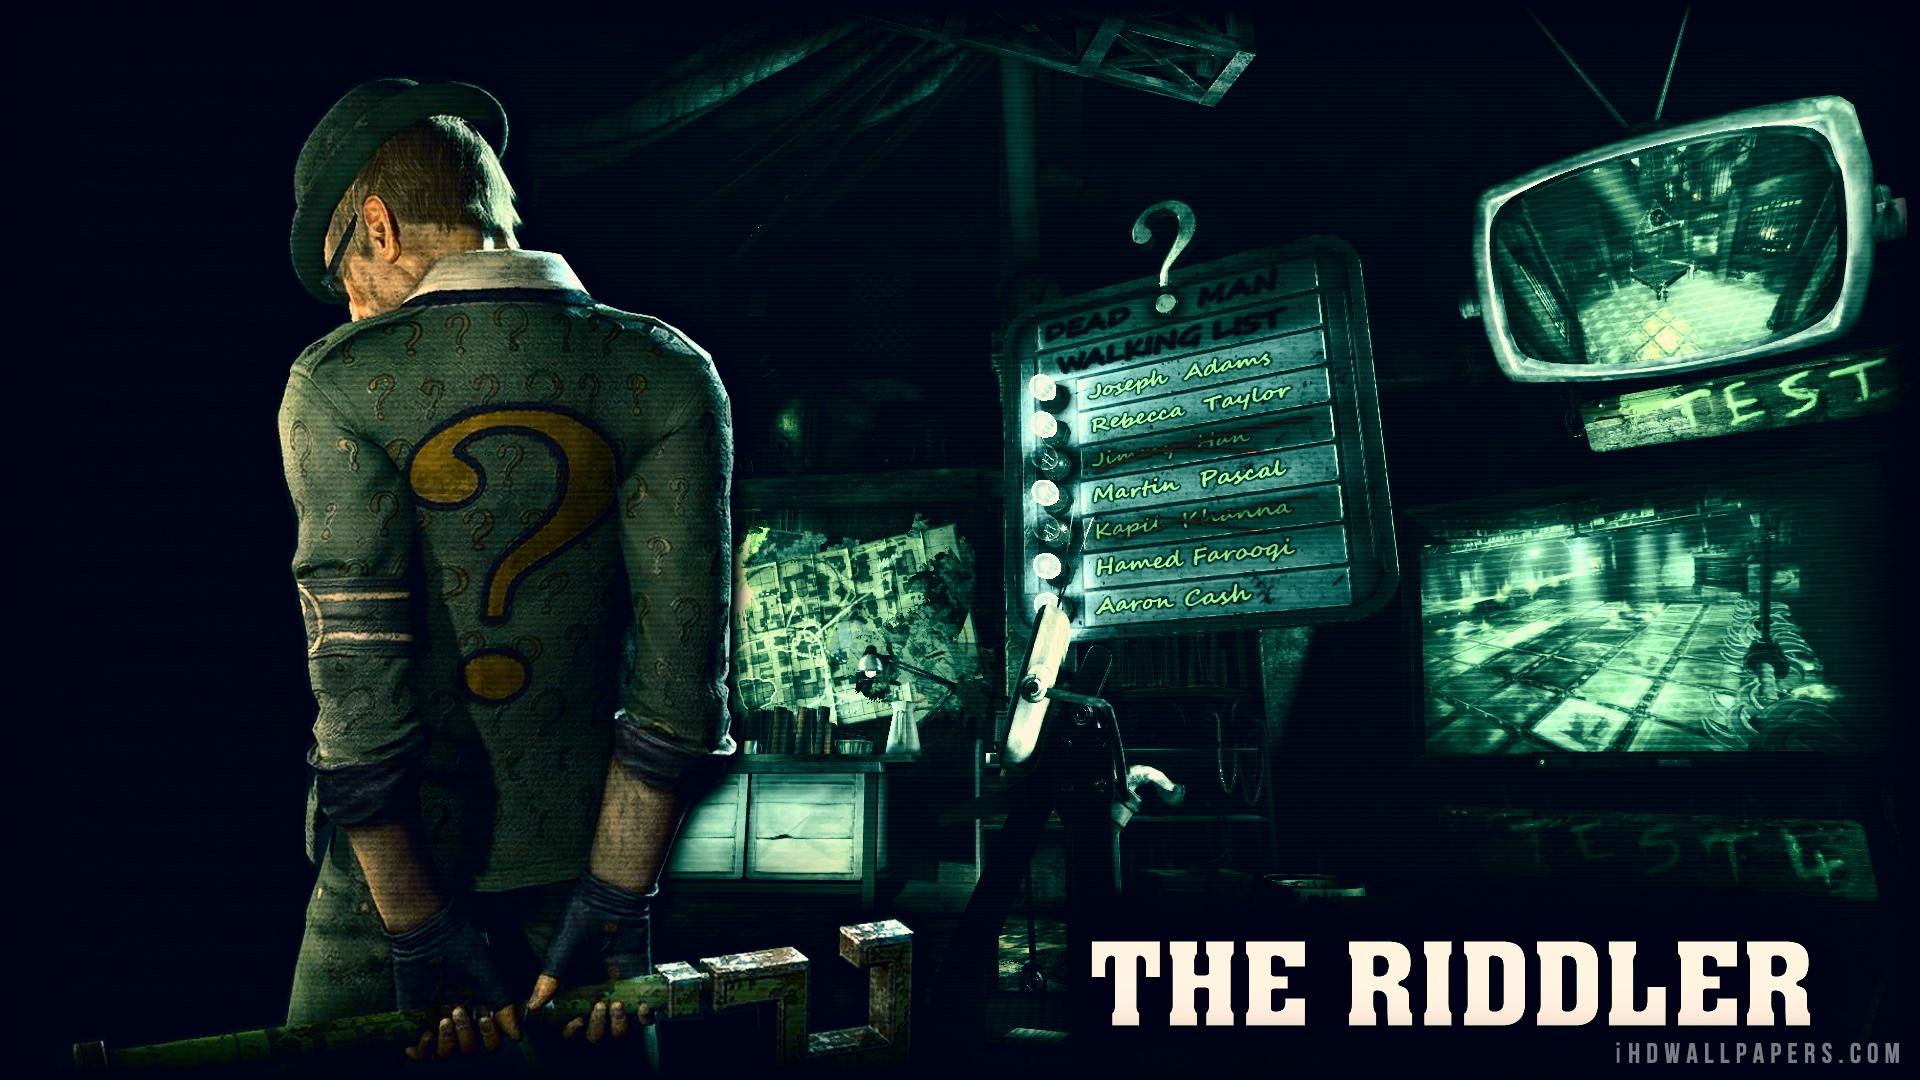 Batman Arkham City Riddler Wallpaper 1920x1080